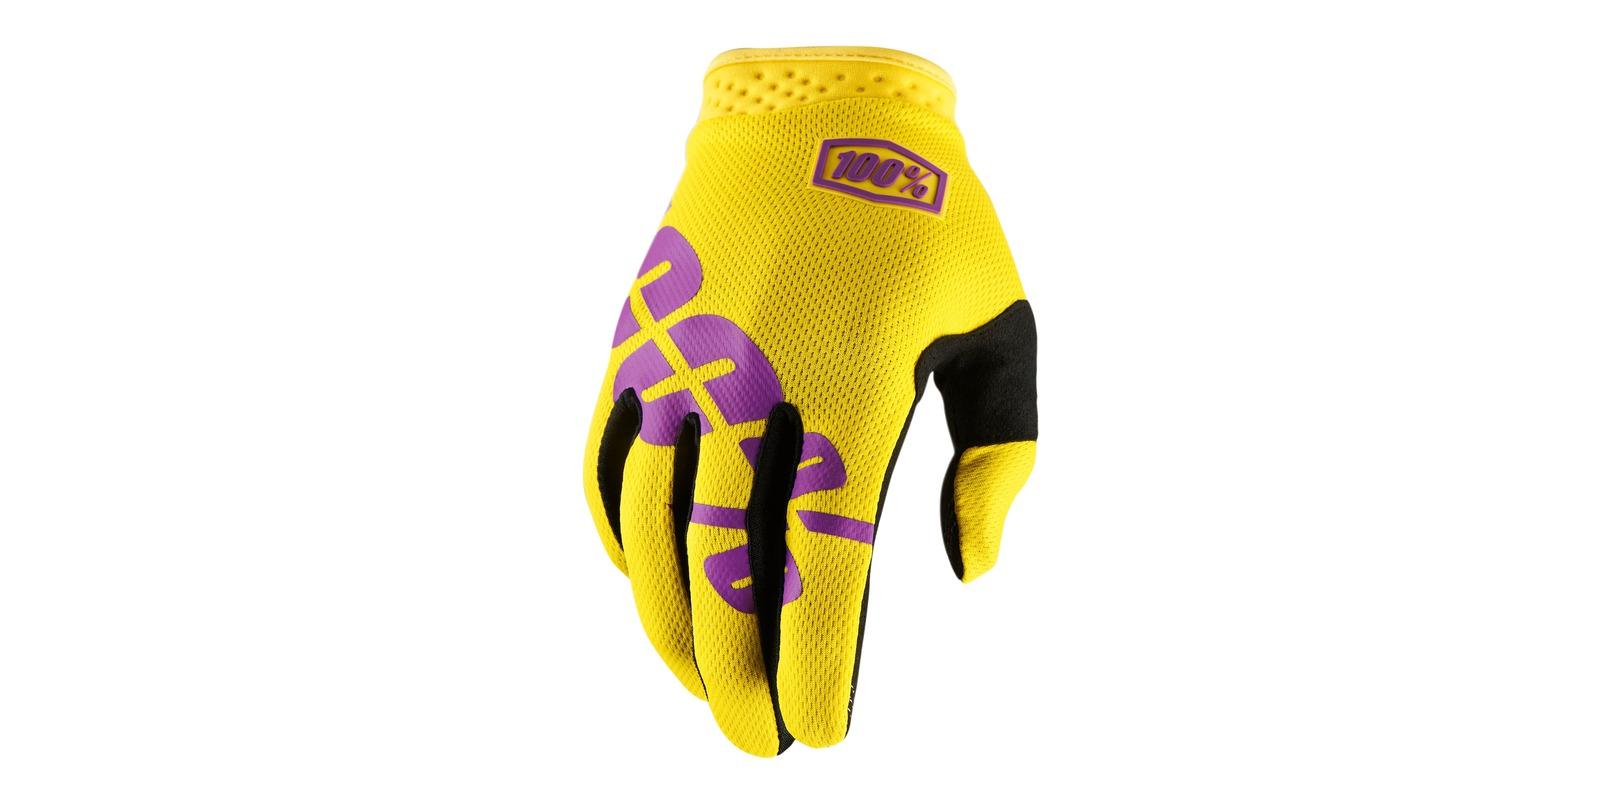 rukavice iTRACK, 100 (žlutá/fialová)